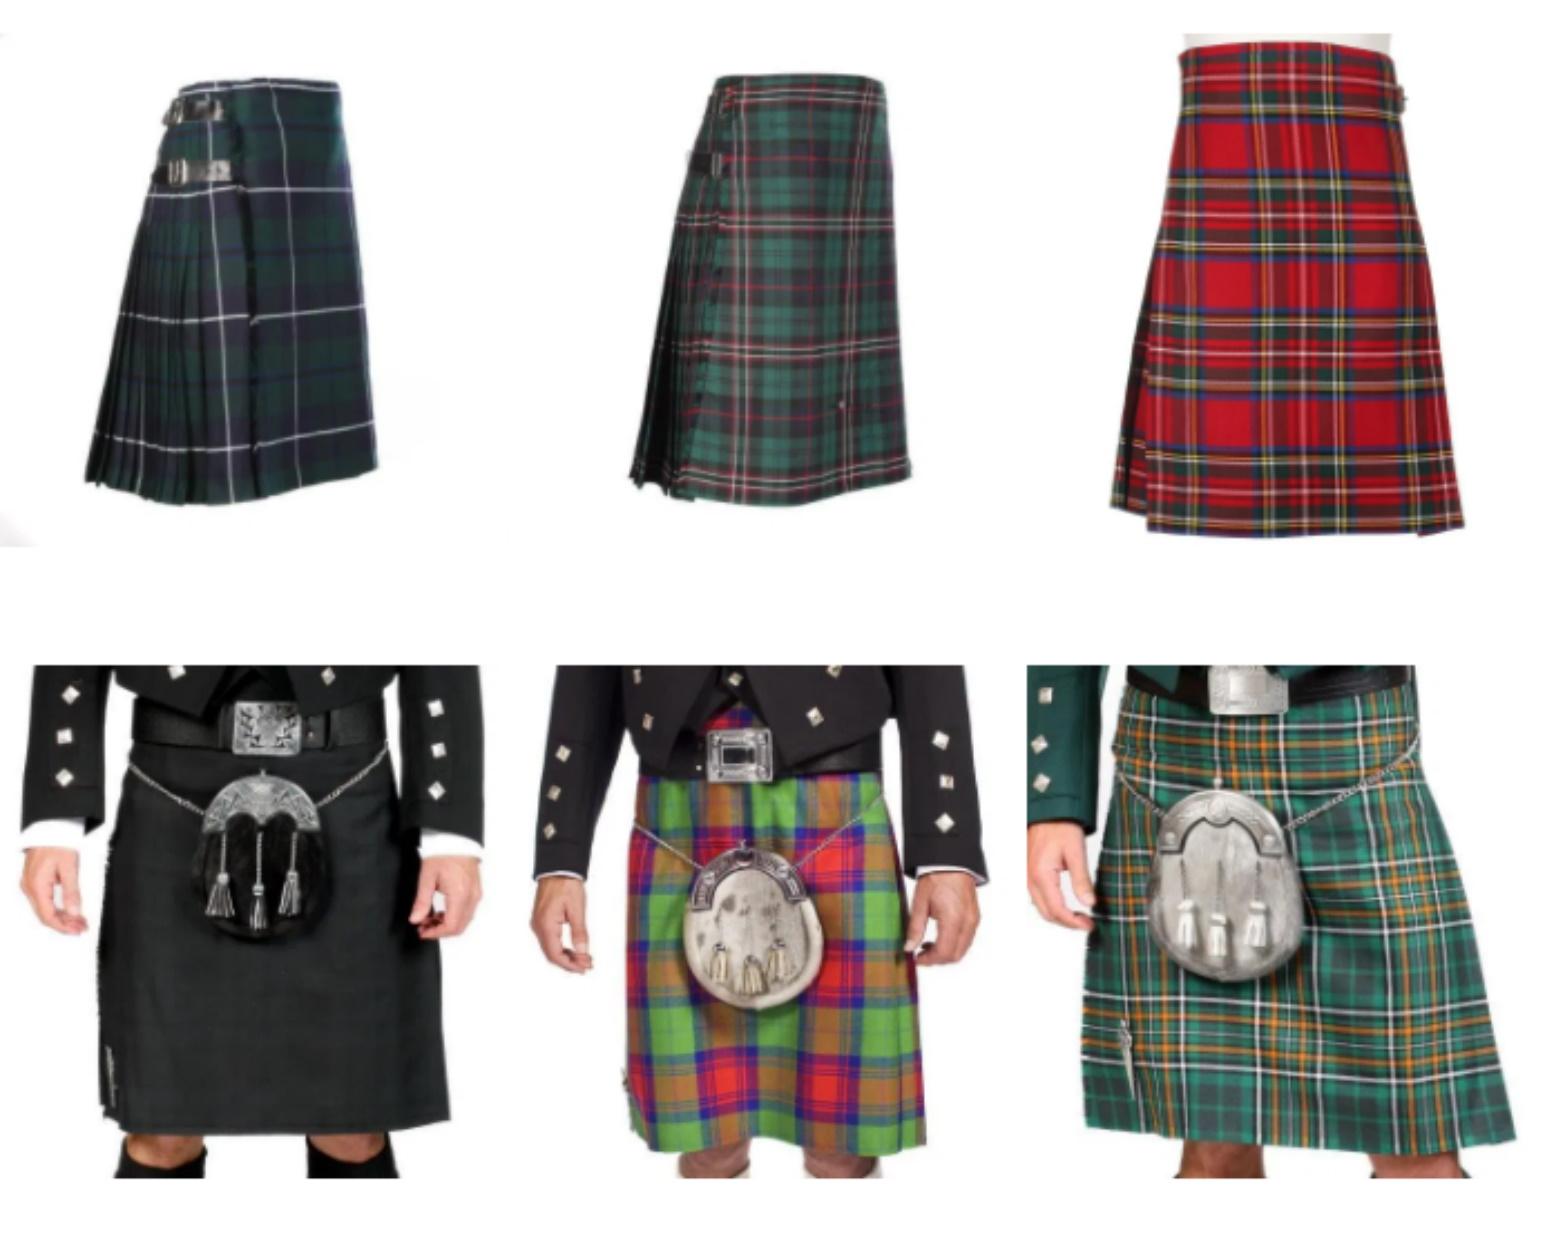 Κιλτ: Παραδοσιακό ένδυμα ή fashion statement;